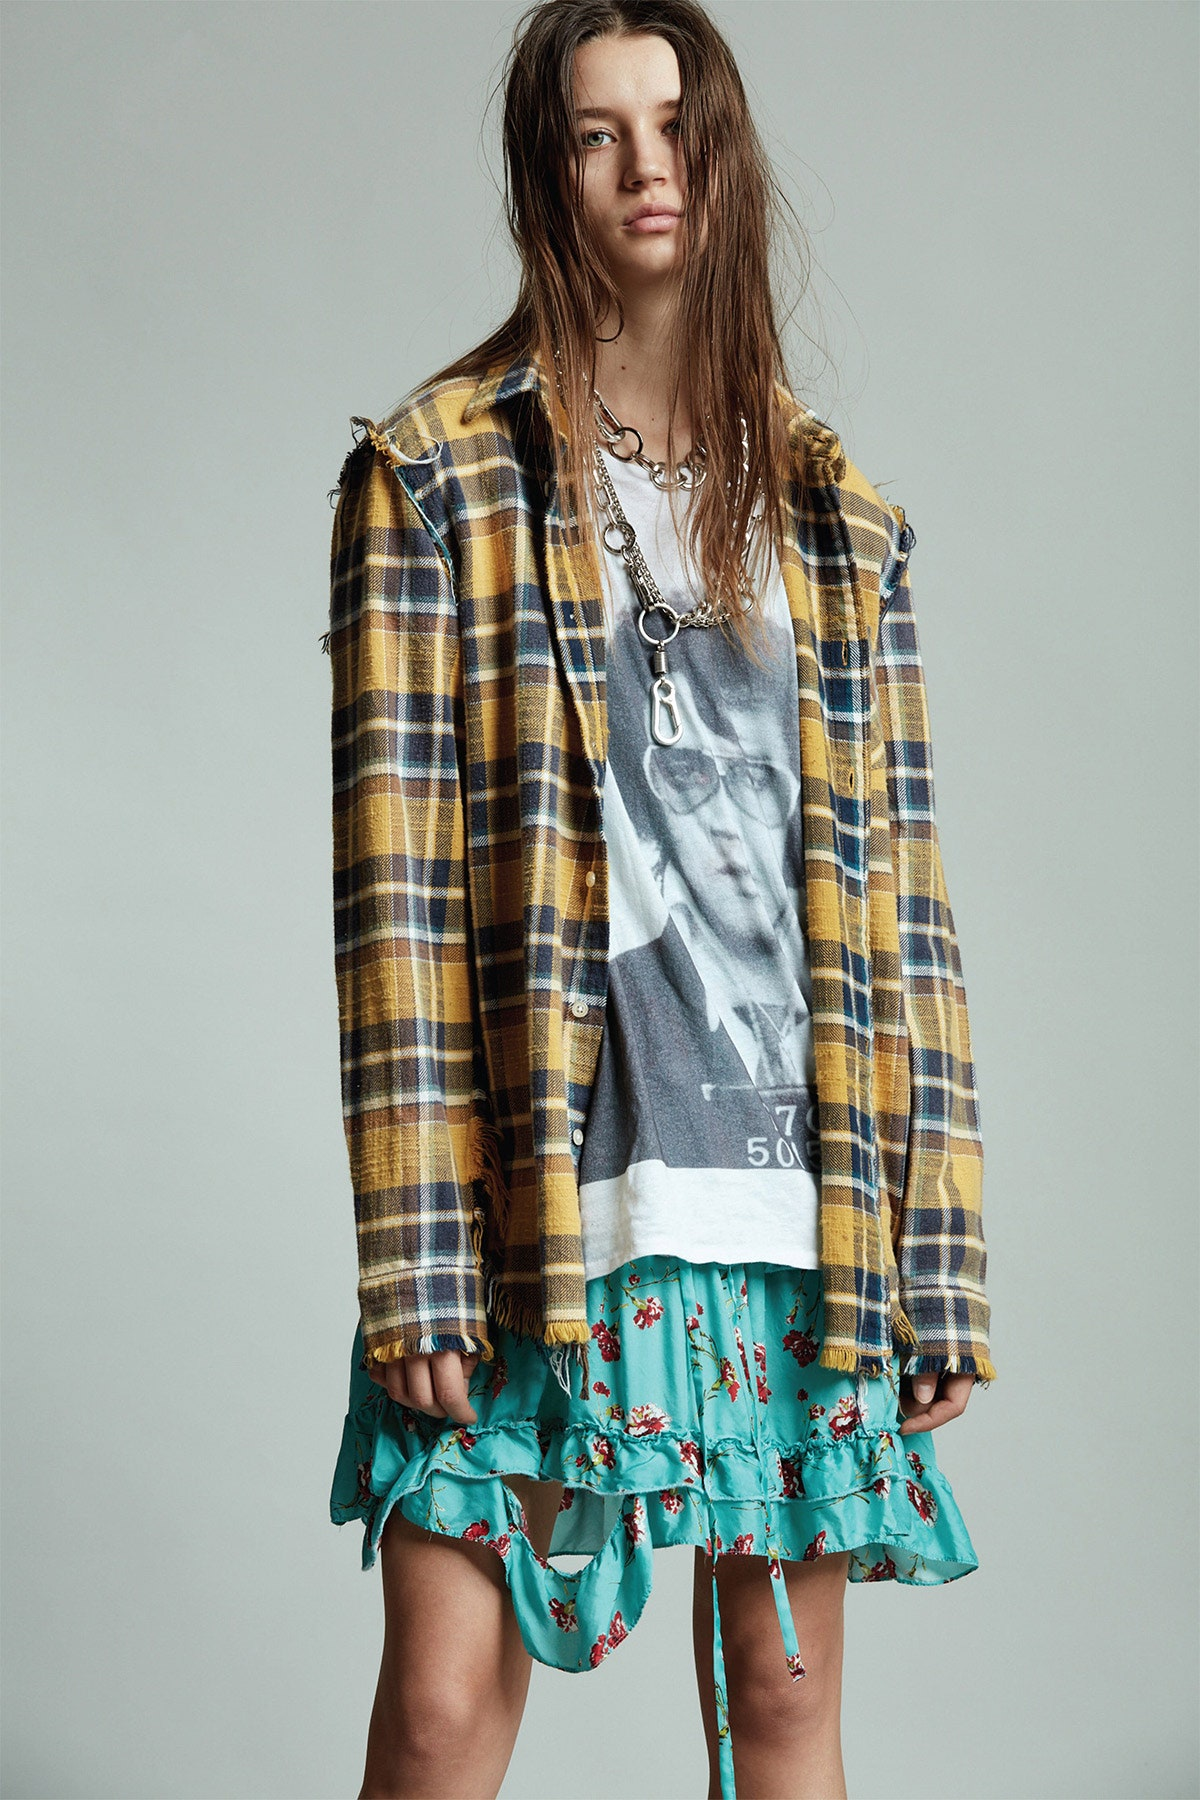 感性が光るモードなプリントTシャツを狙え!【2020年プレフォールトレンドvol. 3】 | Vogue Japan